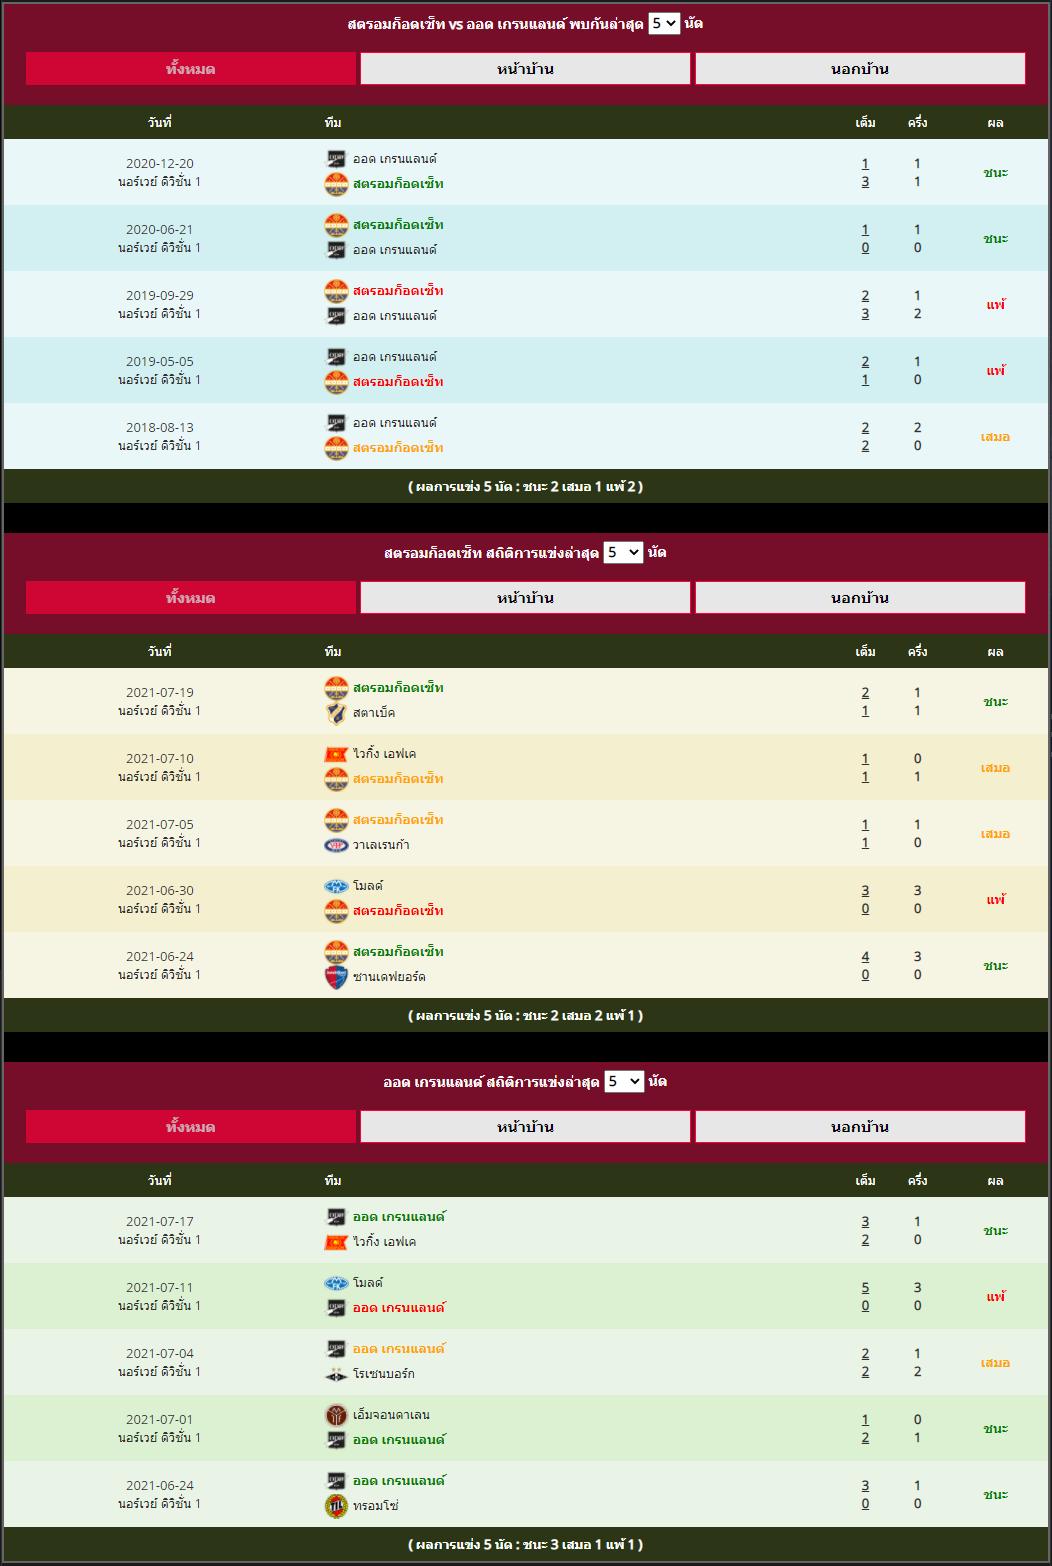 พุธ ที่ 21 กรกฎาคม สถิติที่พบกันระหว่าง สตรอมก็อดเซ็ท vs ออด เกรนแลนด์